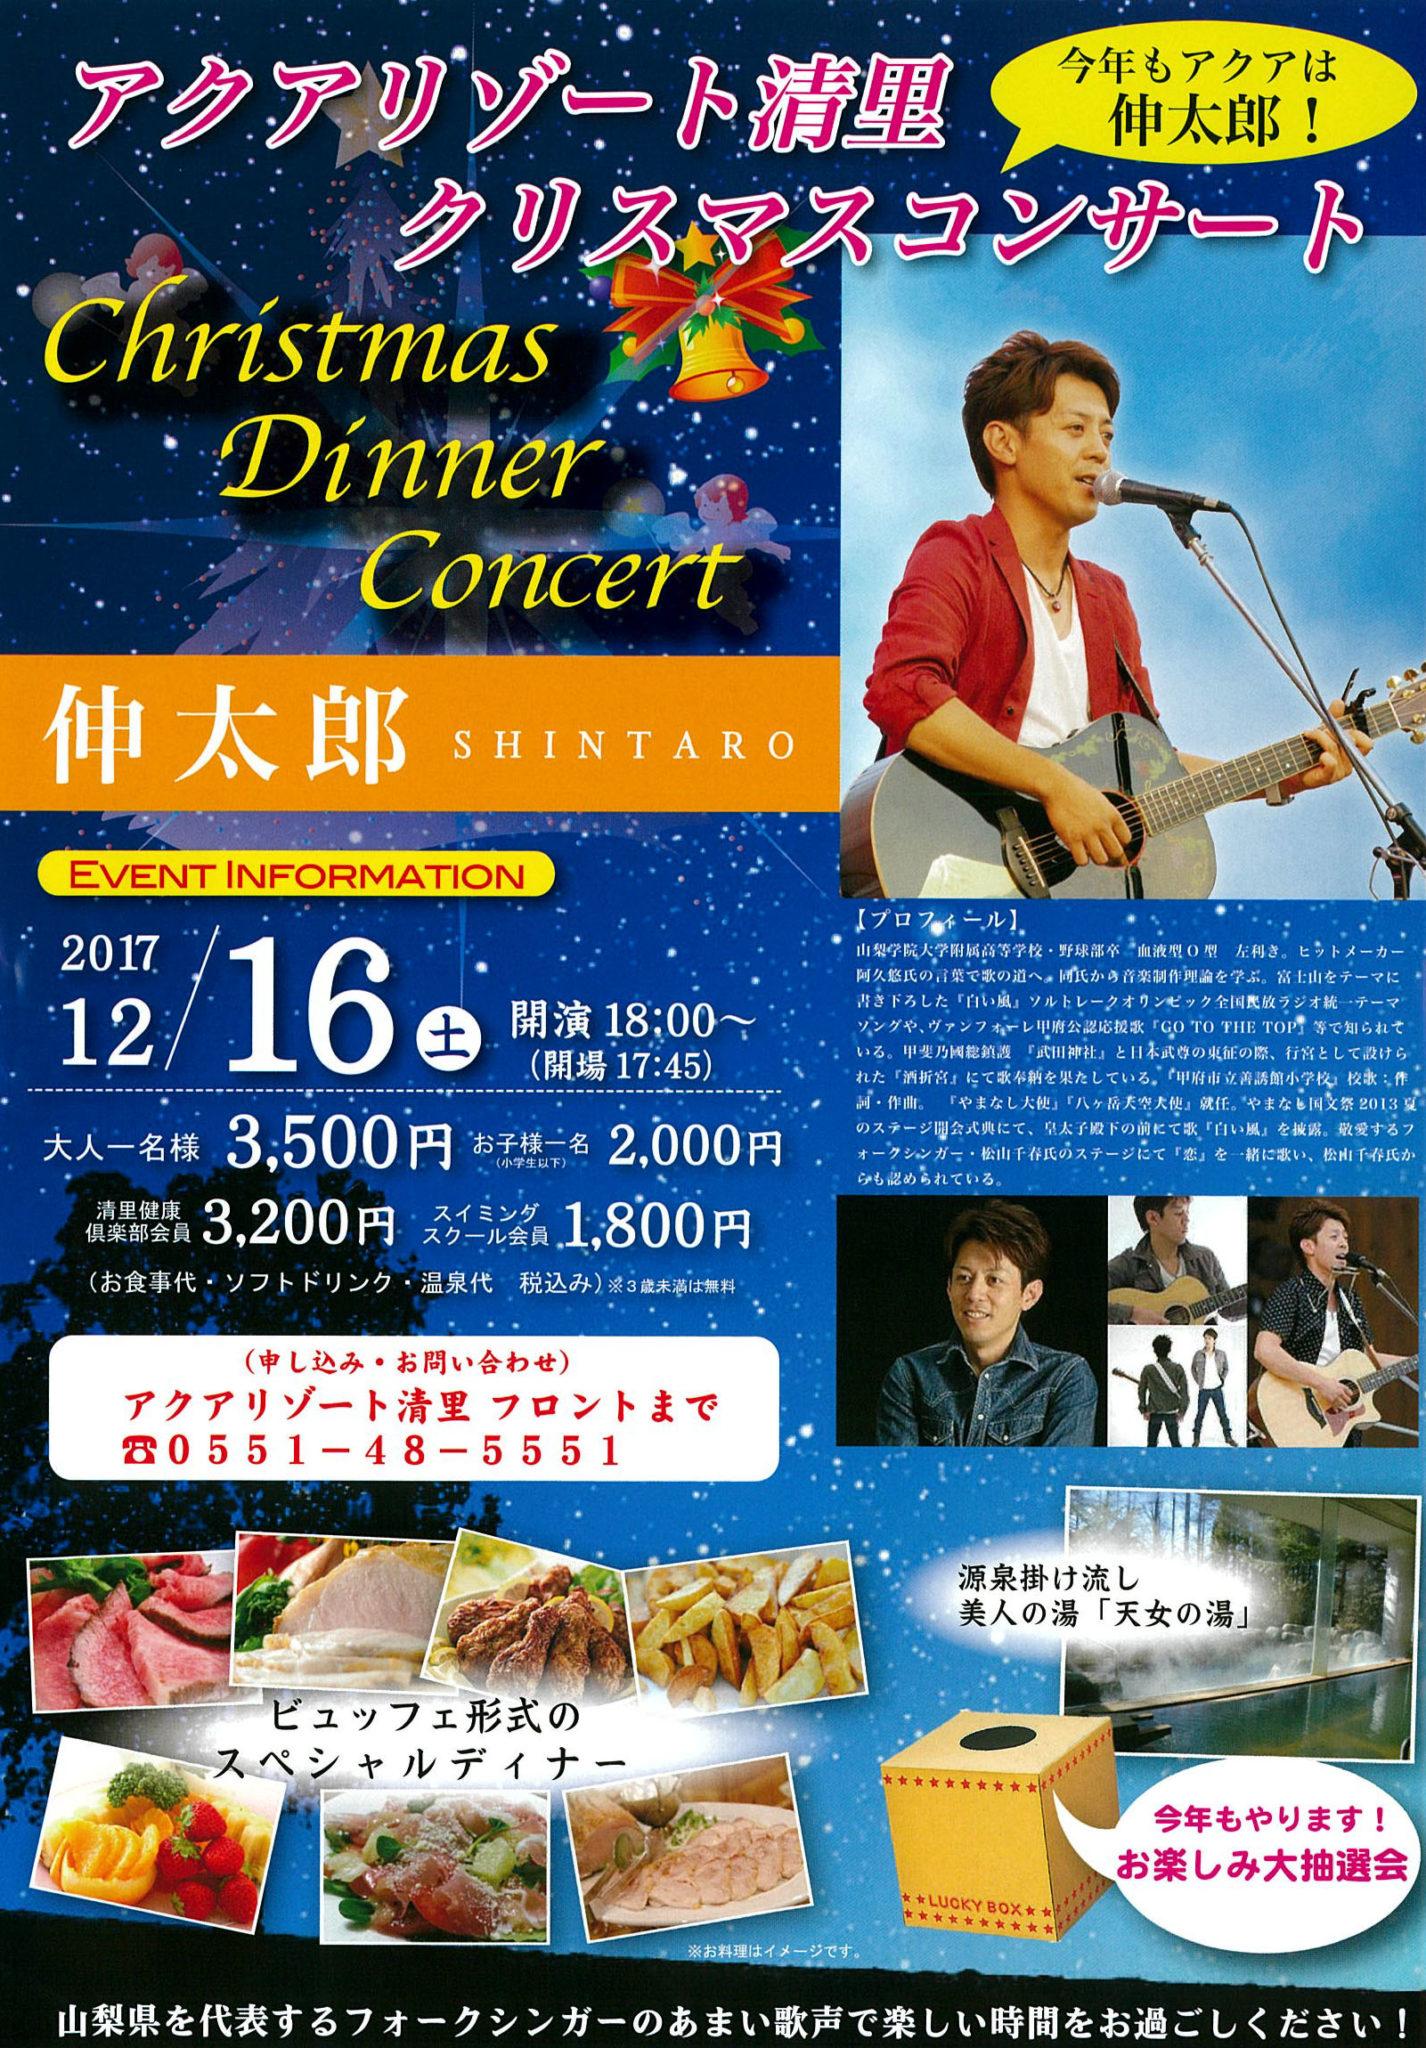 アクアリゾート清里クリスマスコンサート